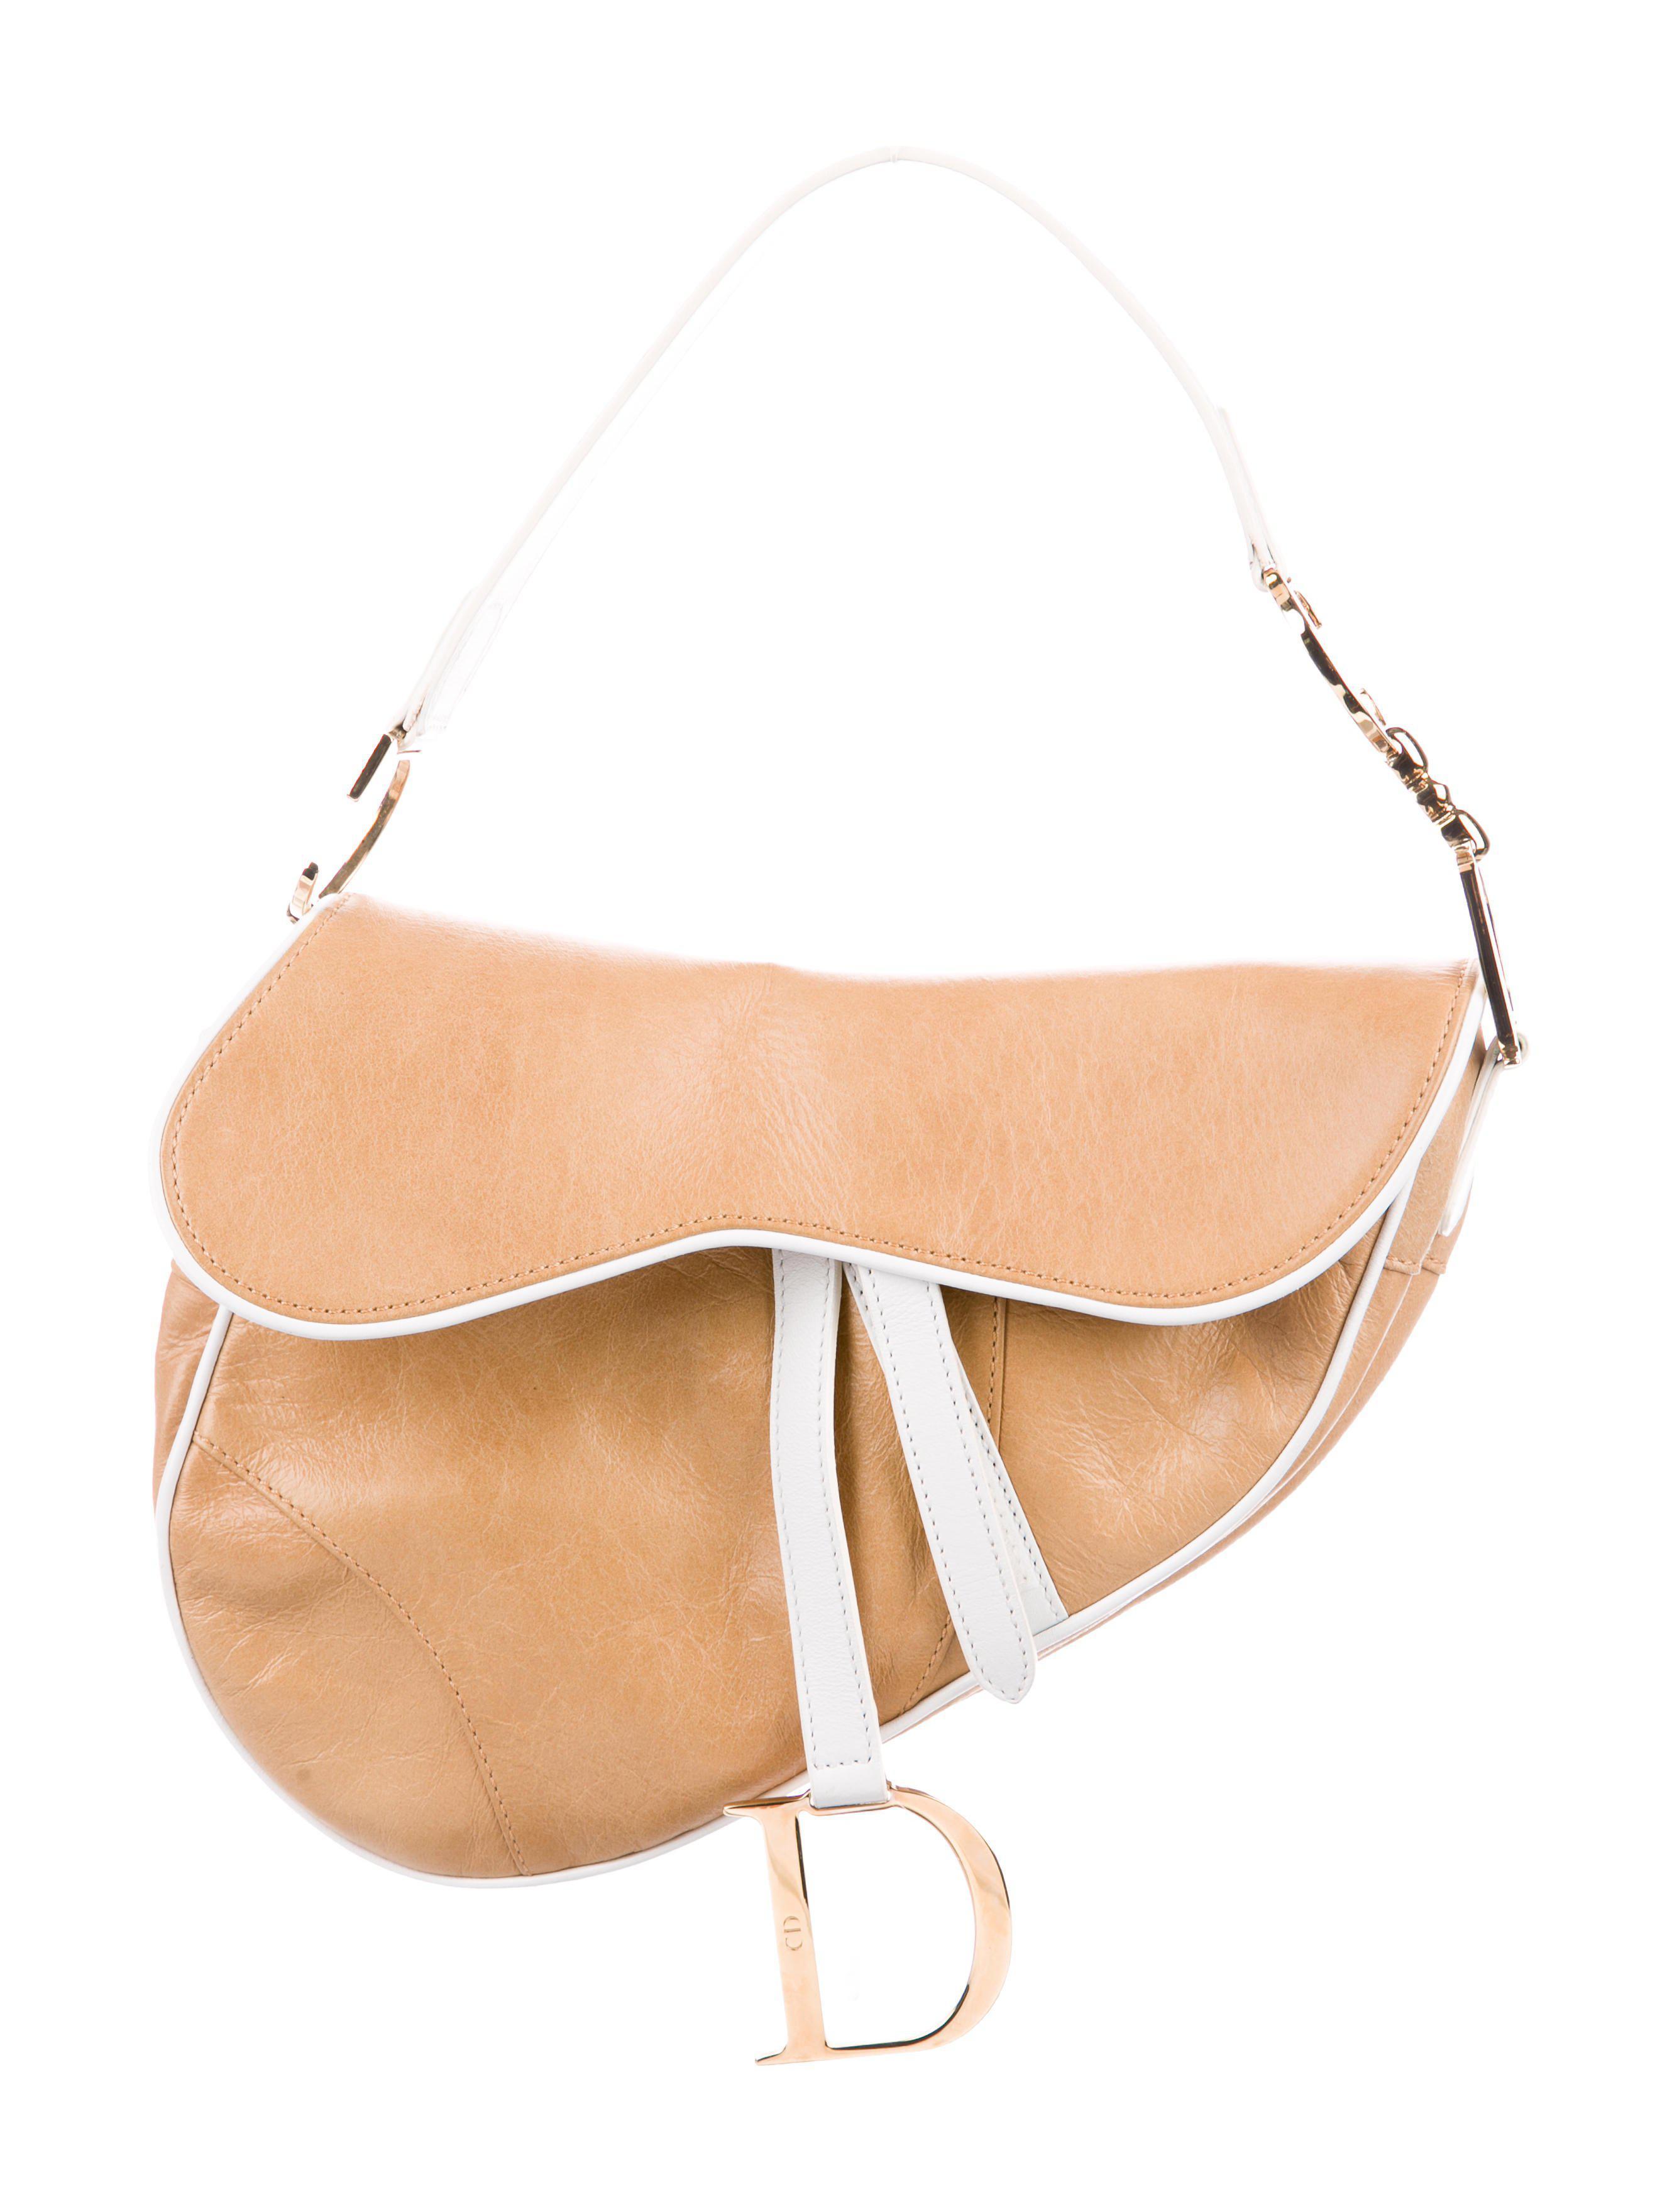 3d4b0a11ba43 Lyst - Dior Leather Saddle Bag Tan in Metallic